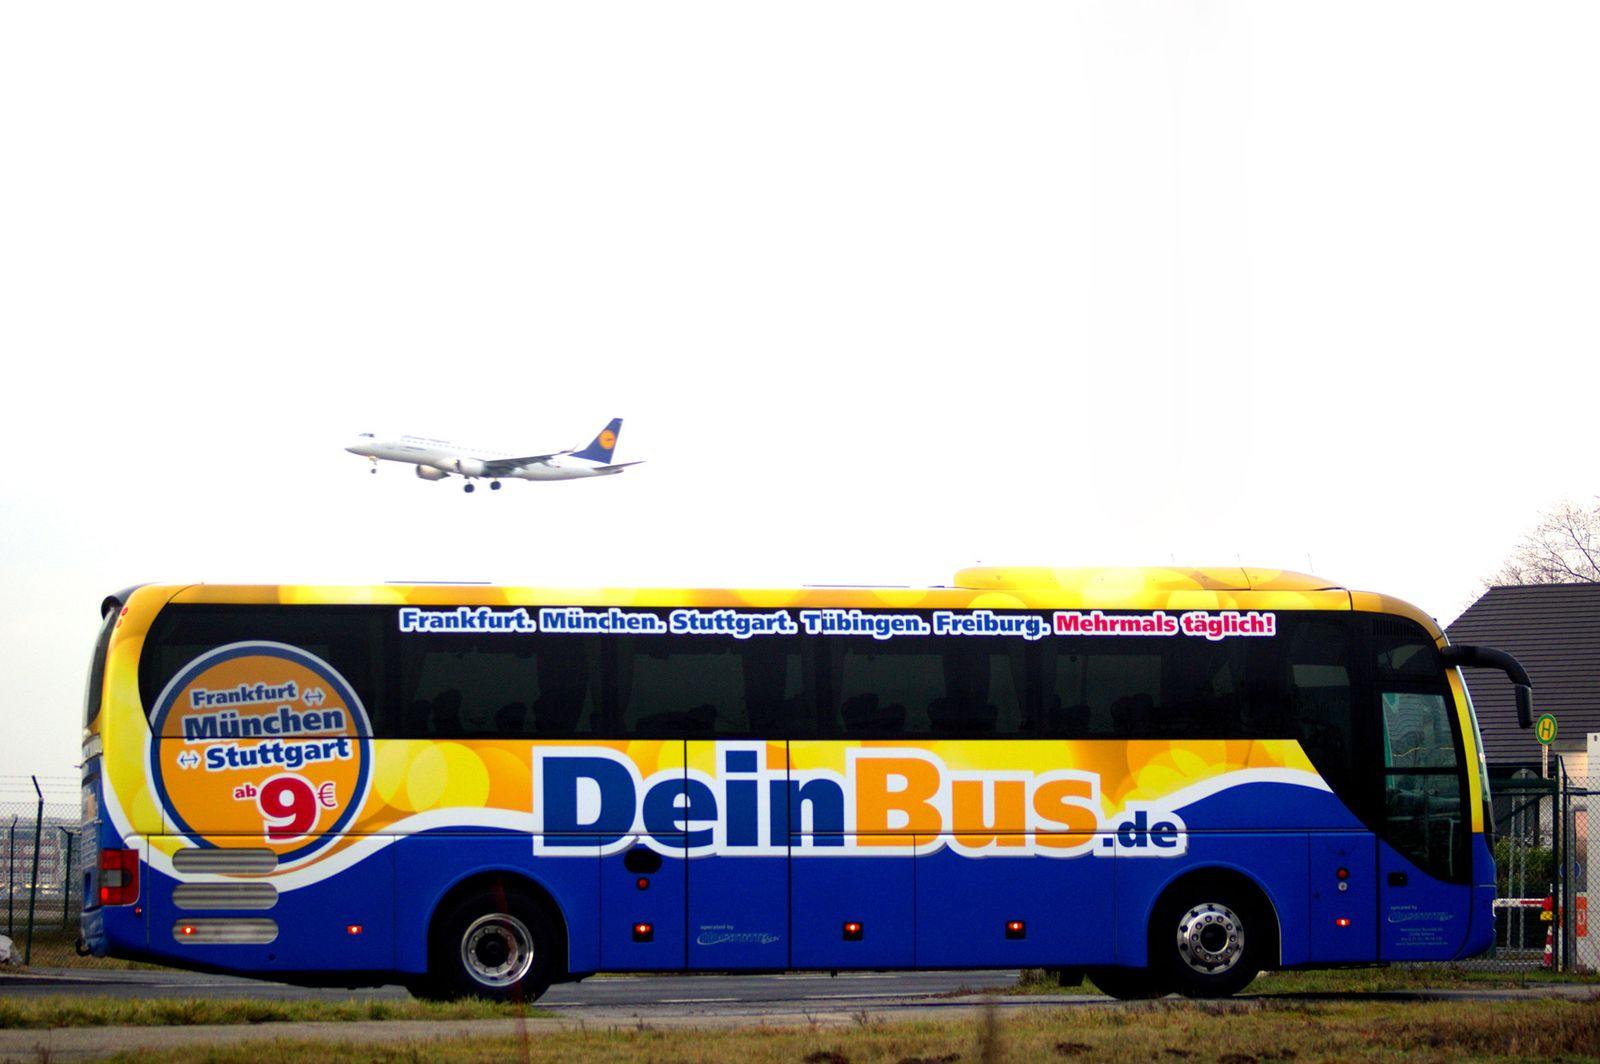 Fernbus / DeinBus